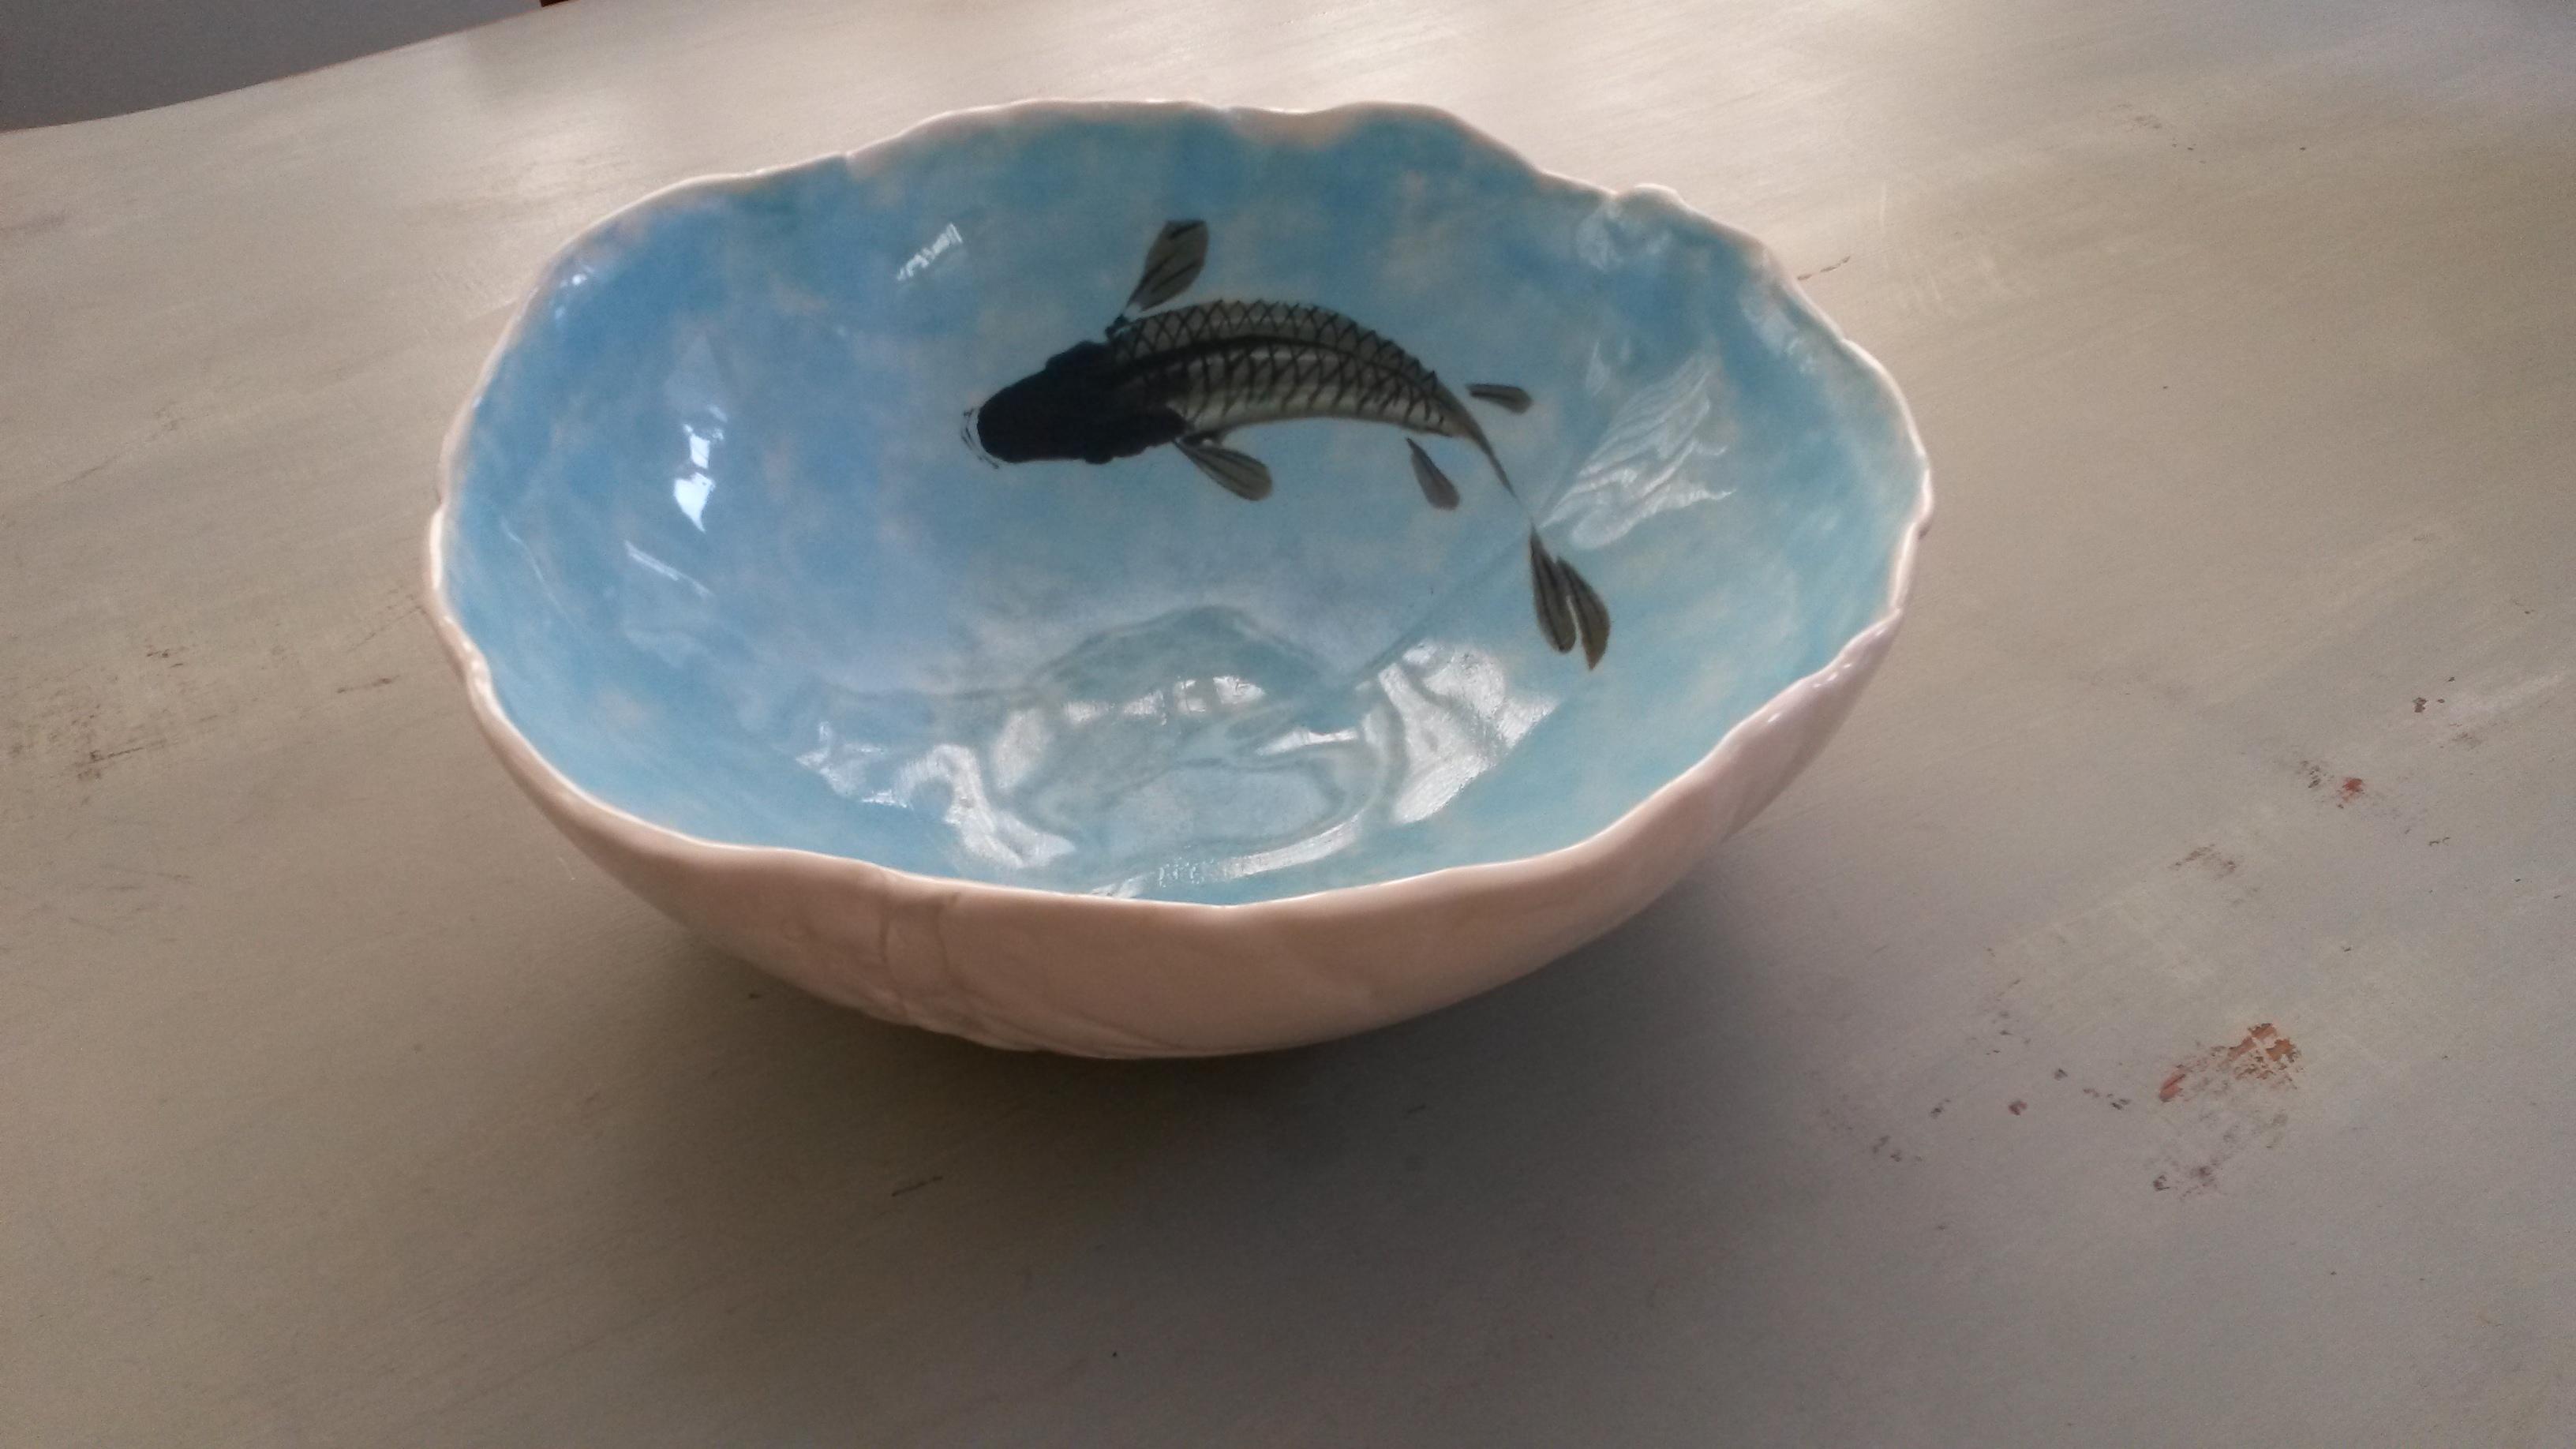 JanetBrotchieLarge creased porcelain goldfish bowl